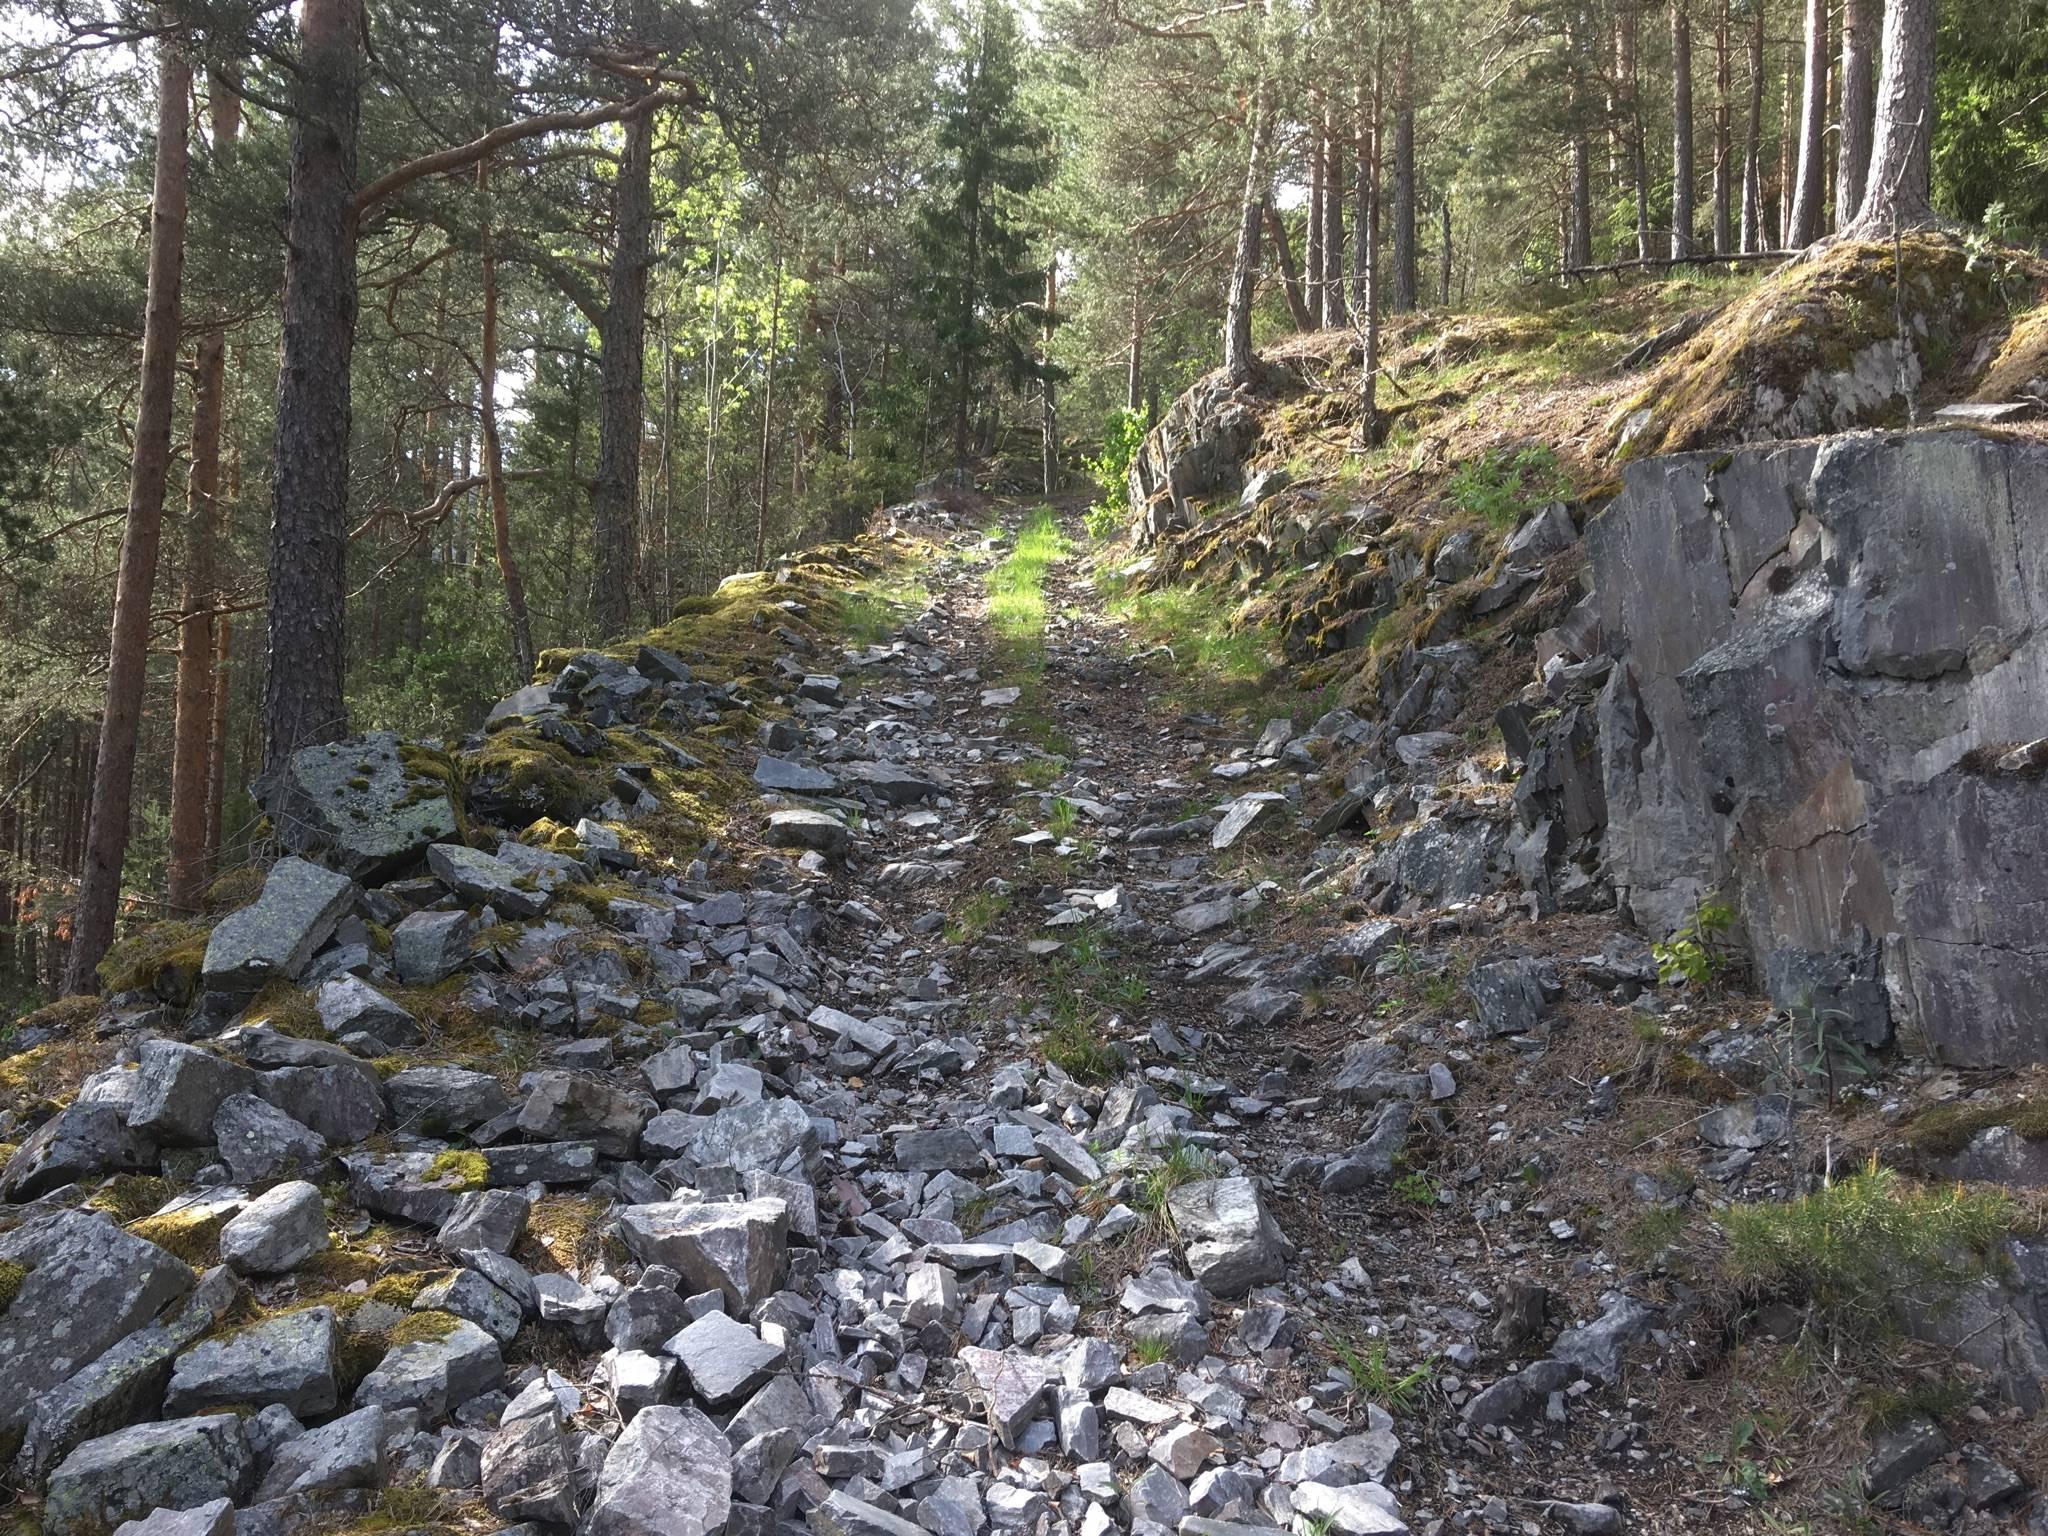 steinig, steiler Weg hinauf